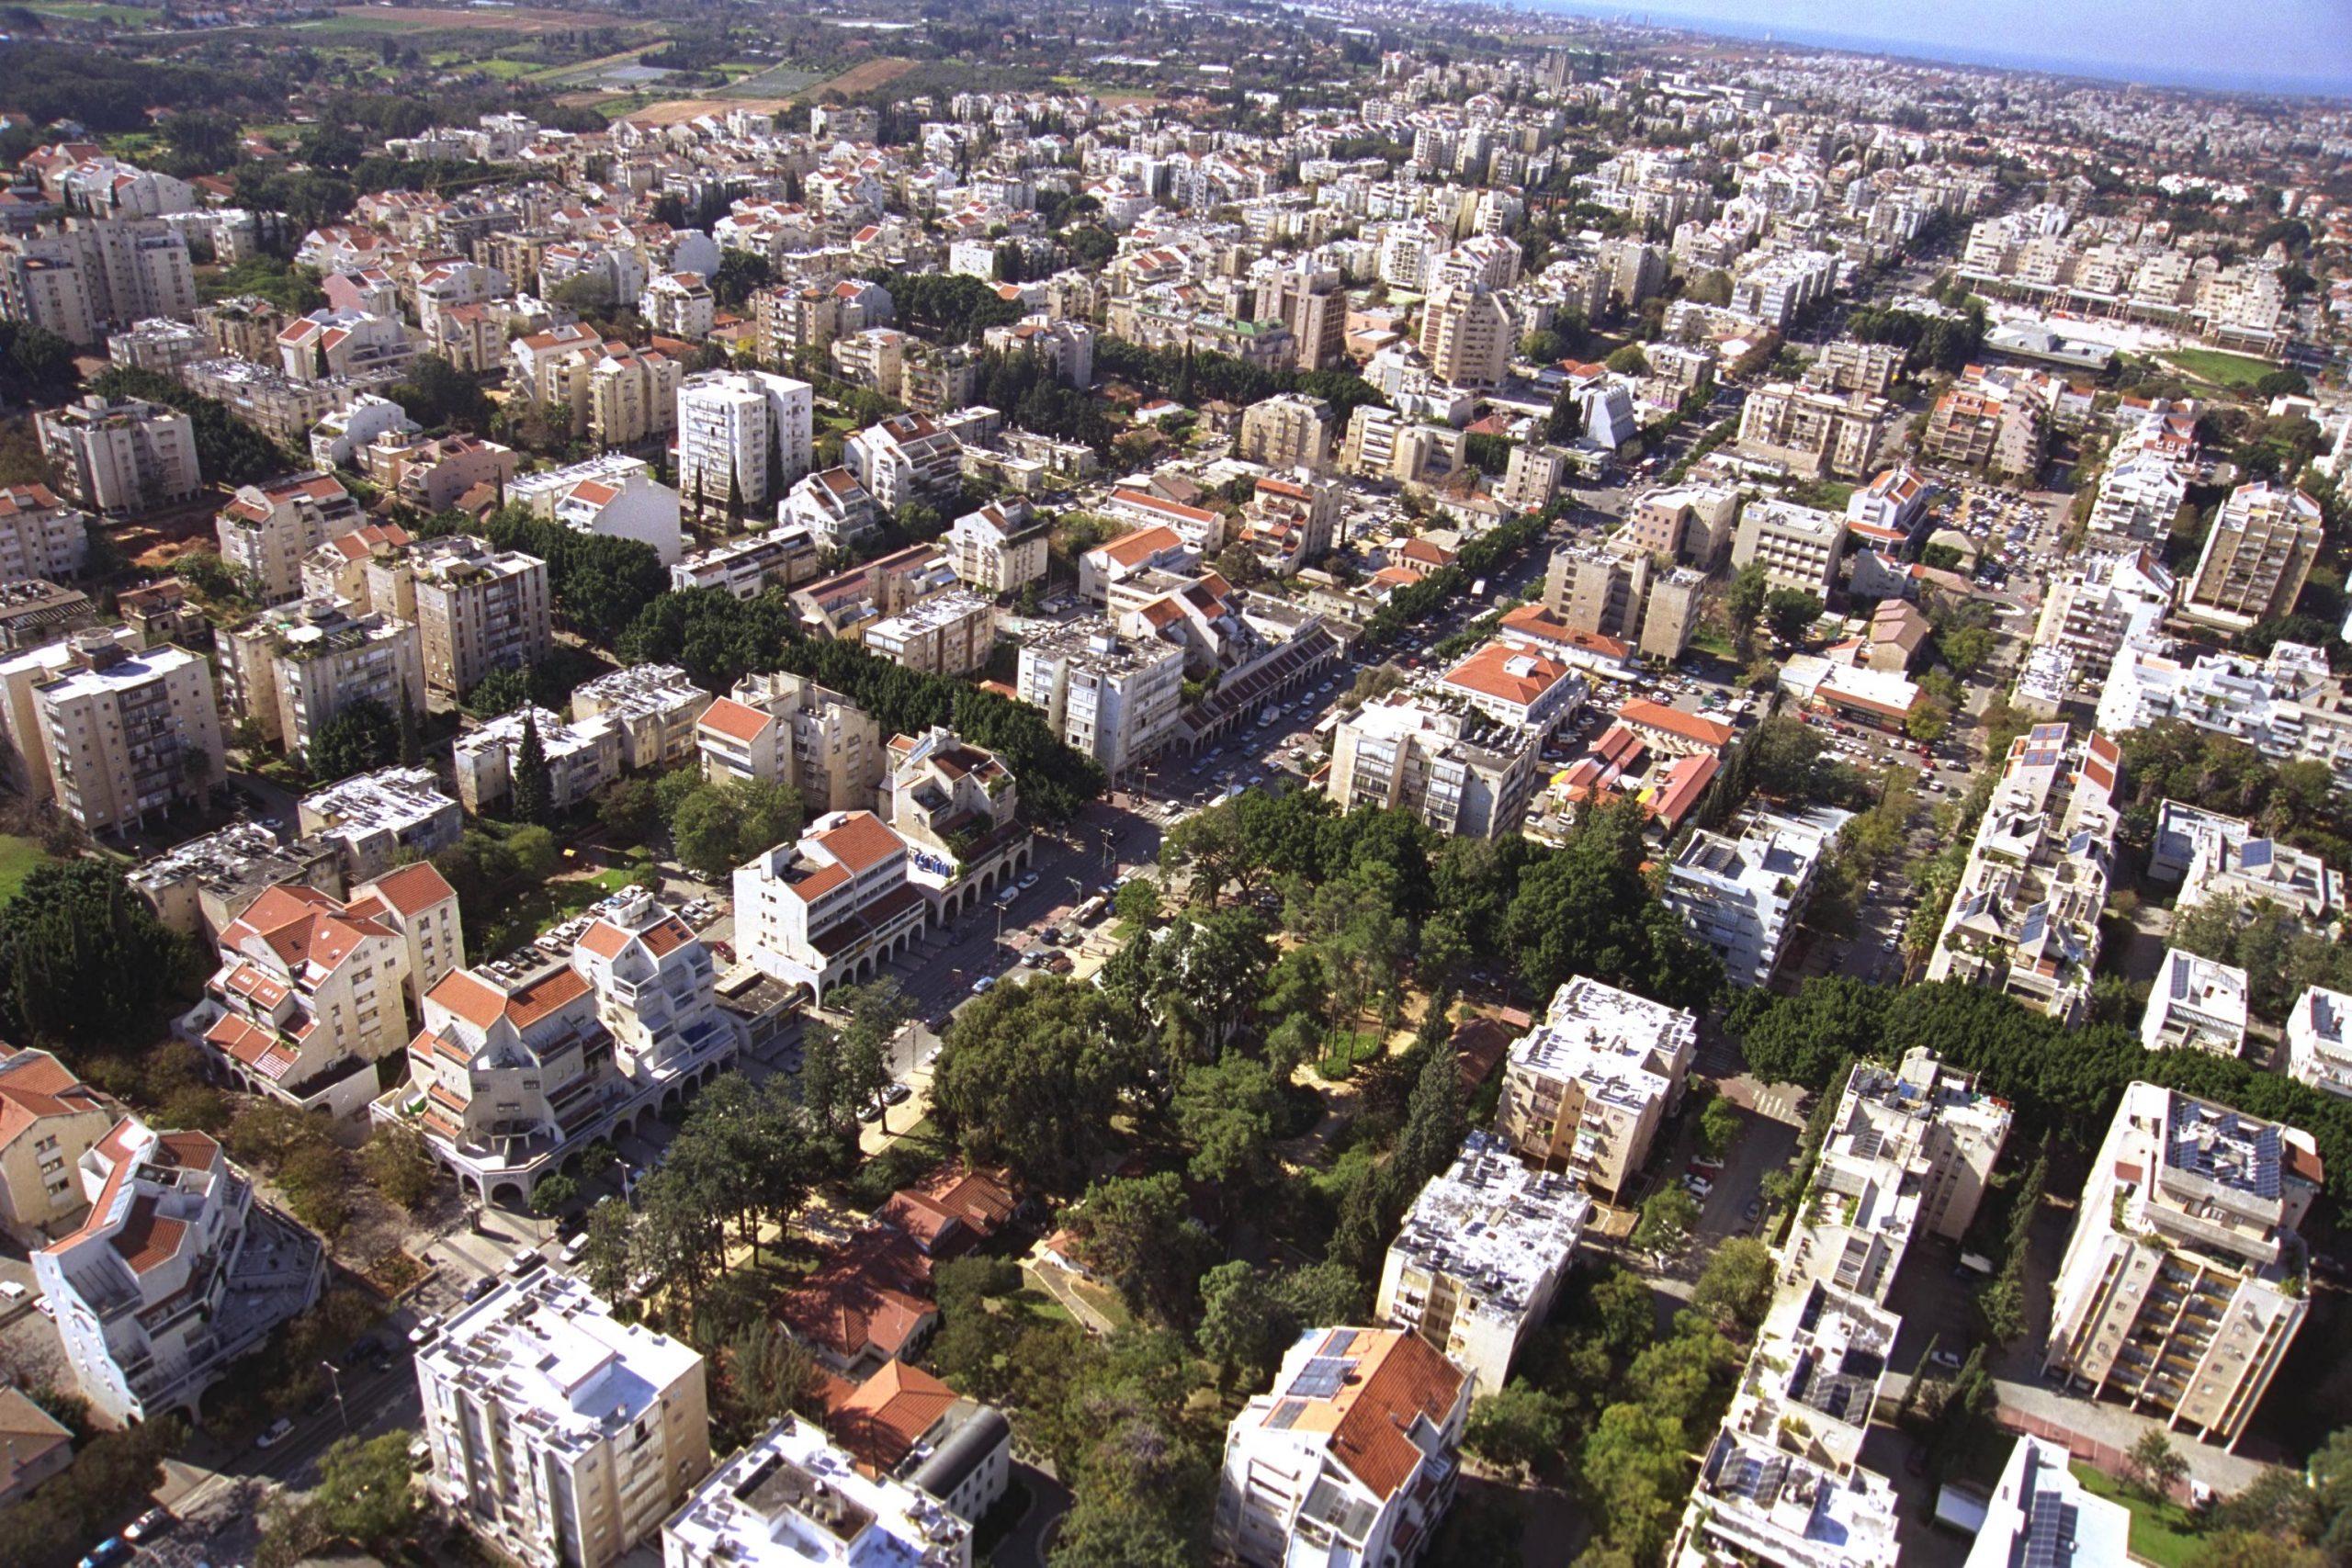 כבר לא אדומה: תוכנית אסטרטגית עירונית הורידה את רמת התחלואה בכפר סבא